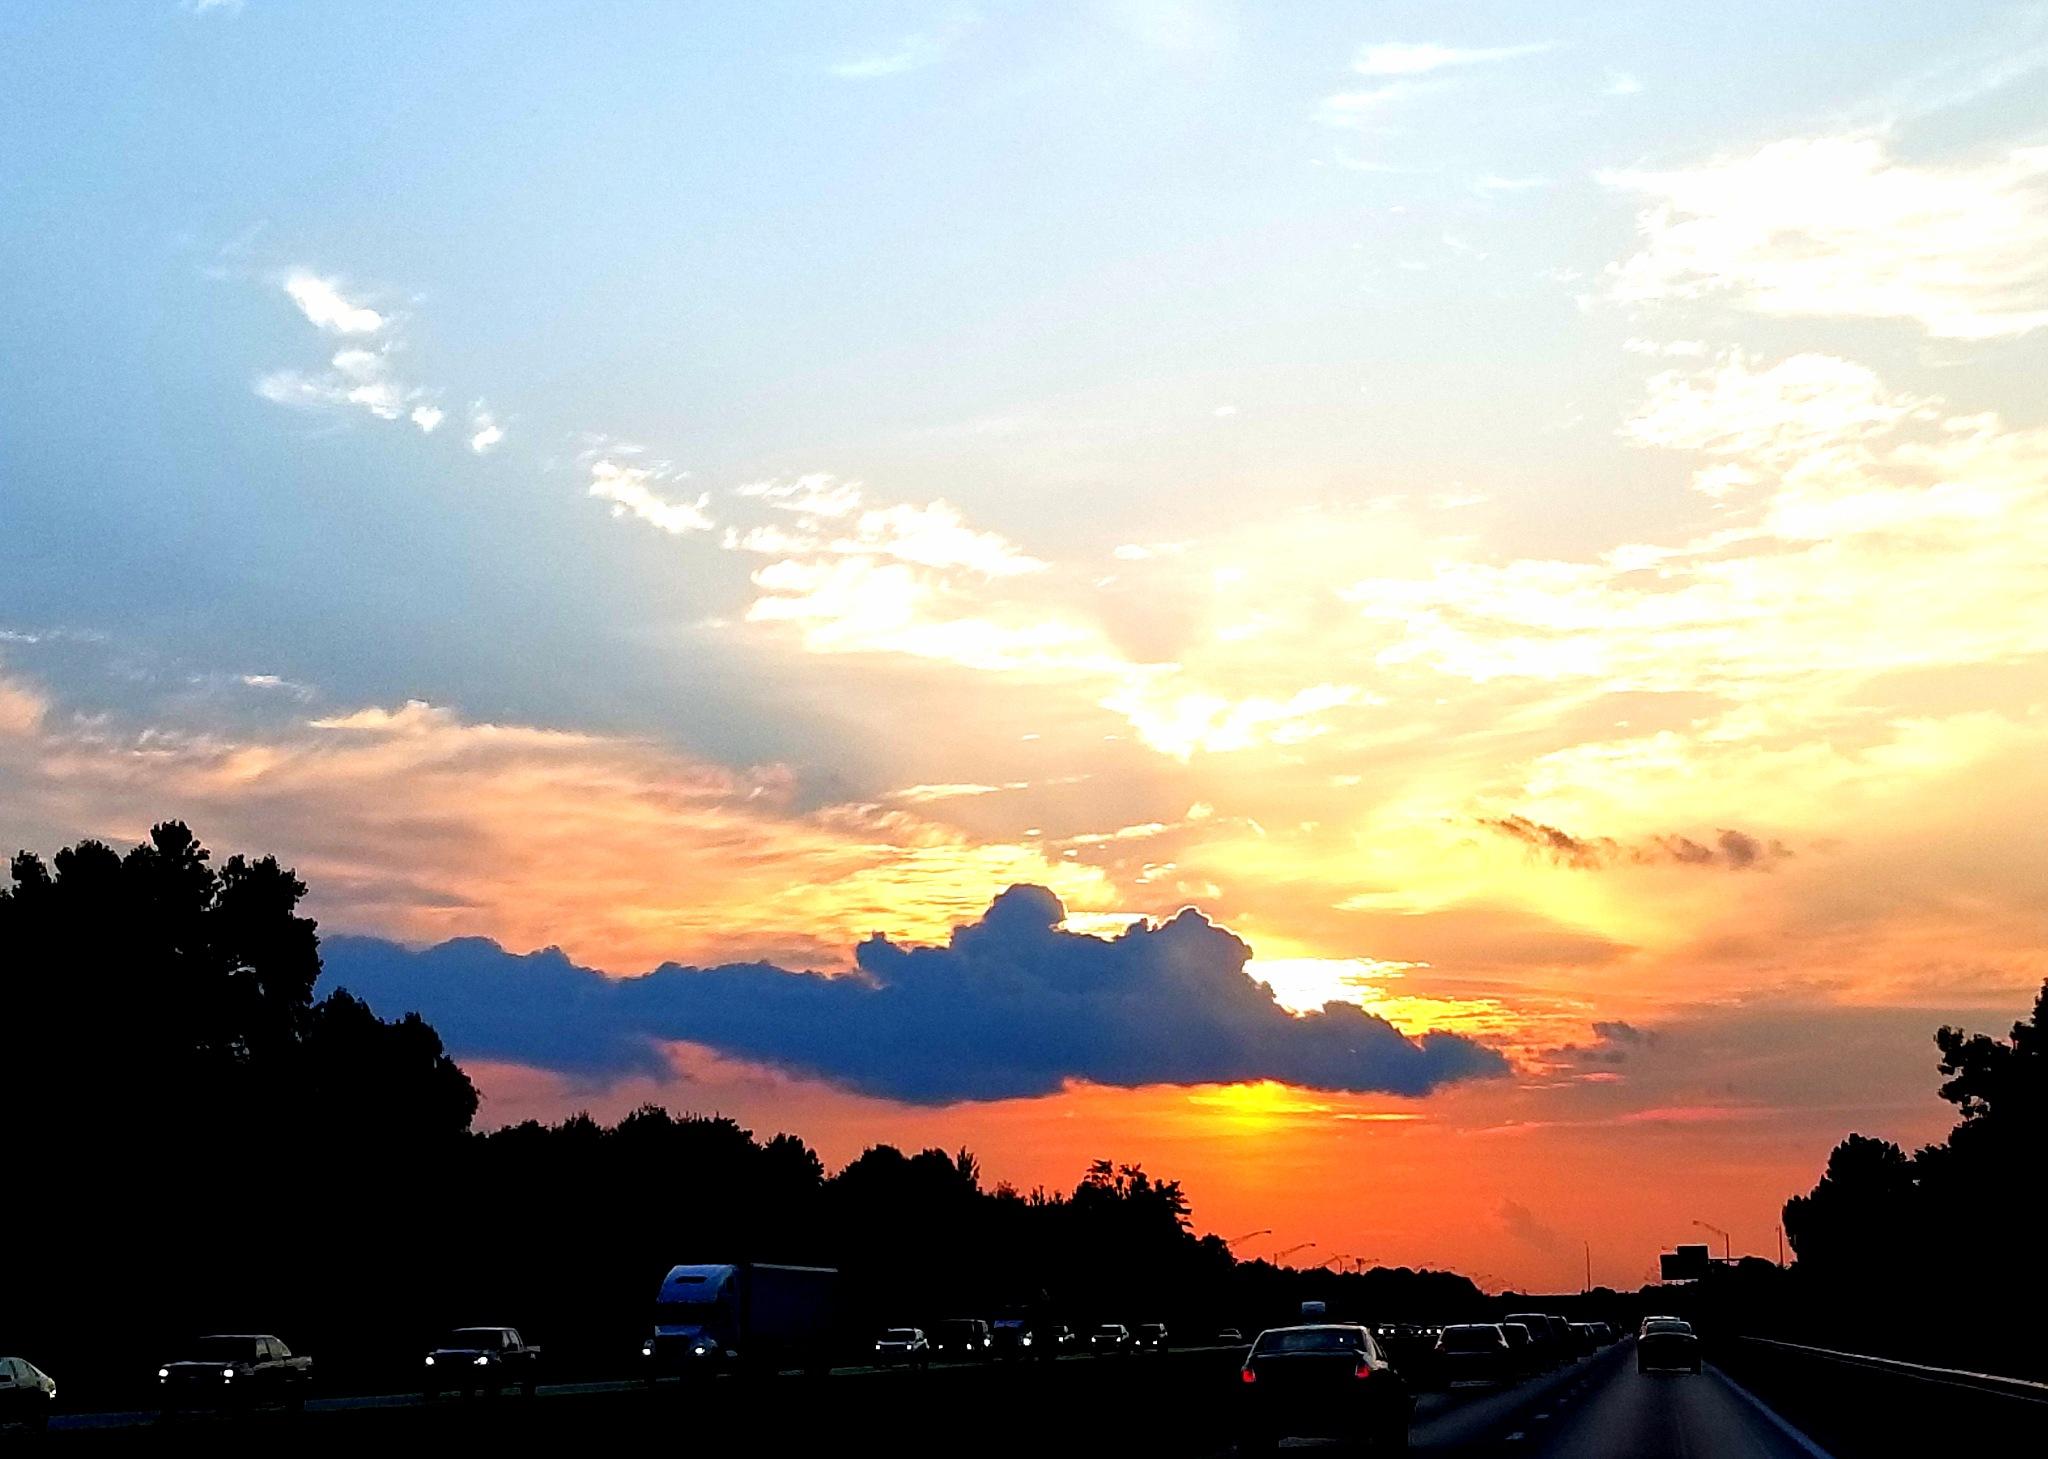 morning beauty  by kim.e.rhoades